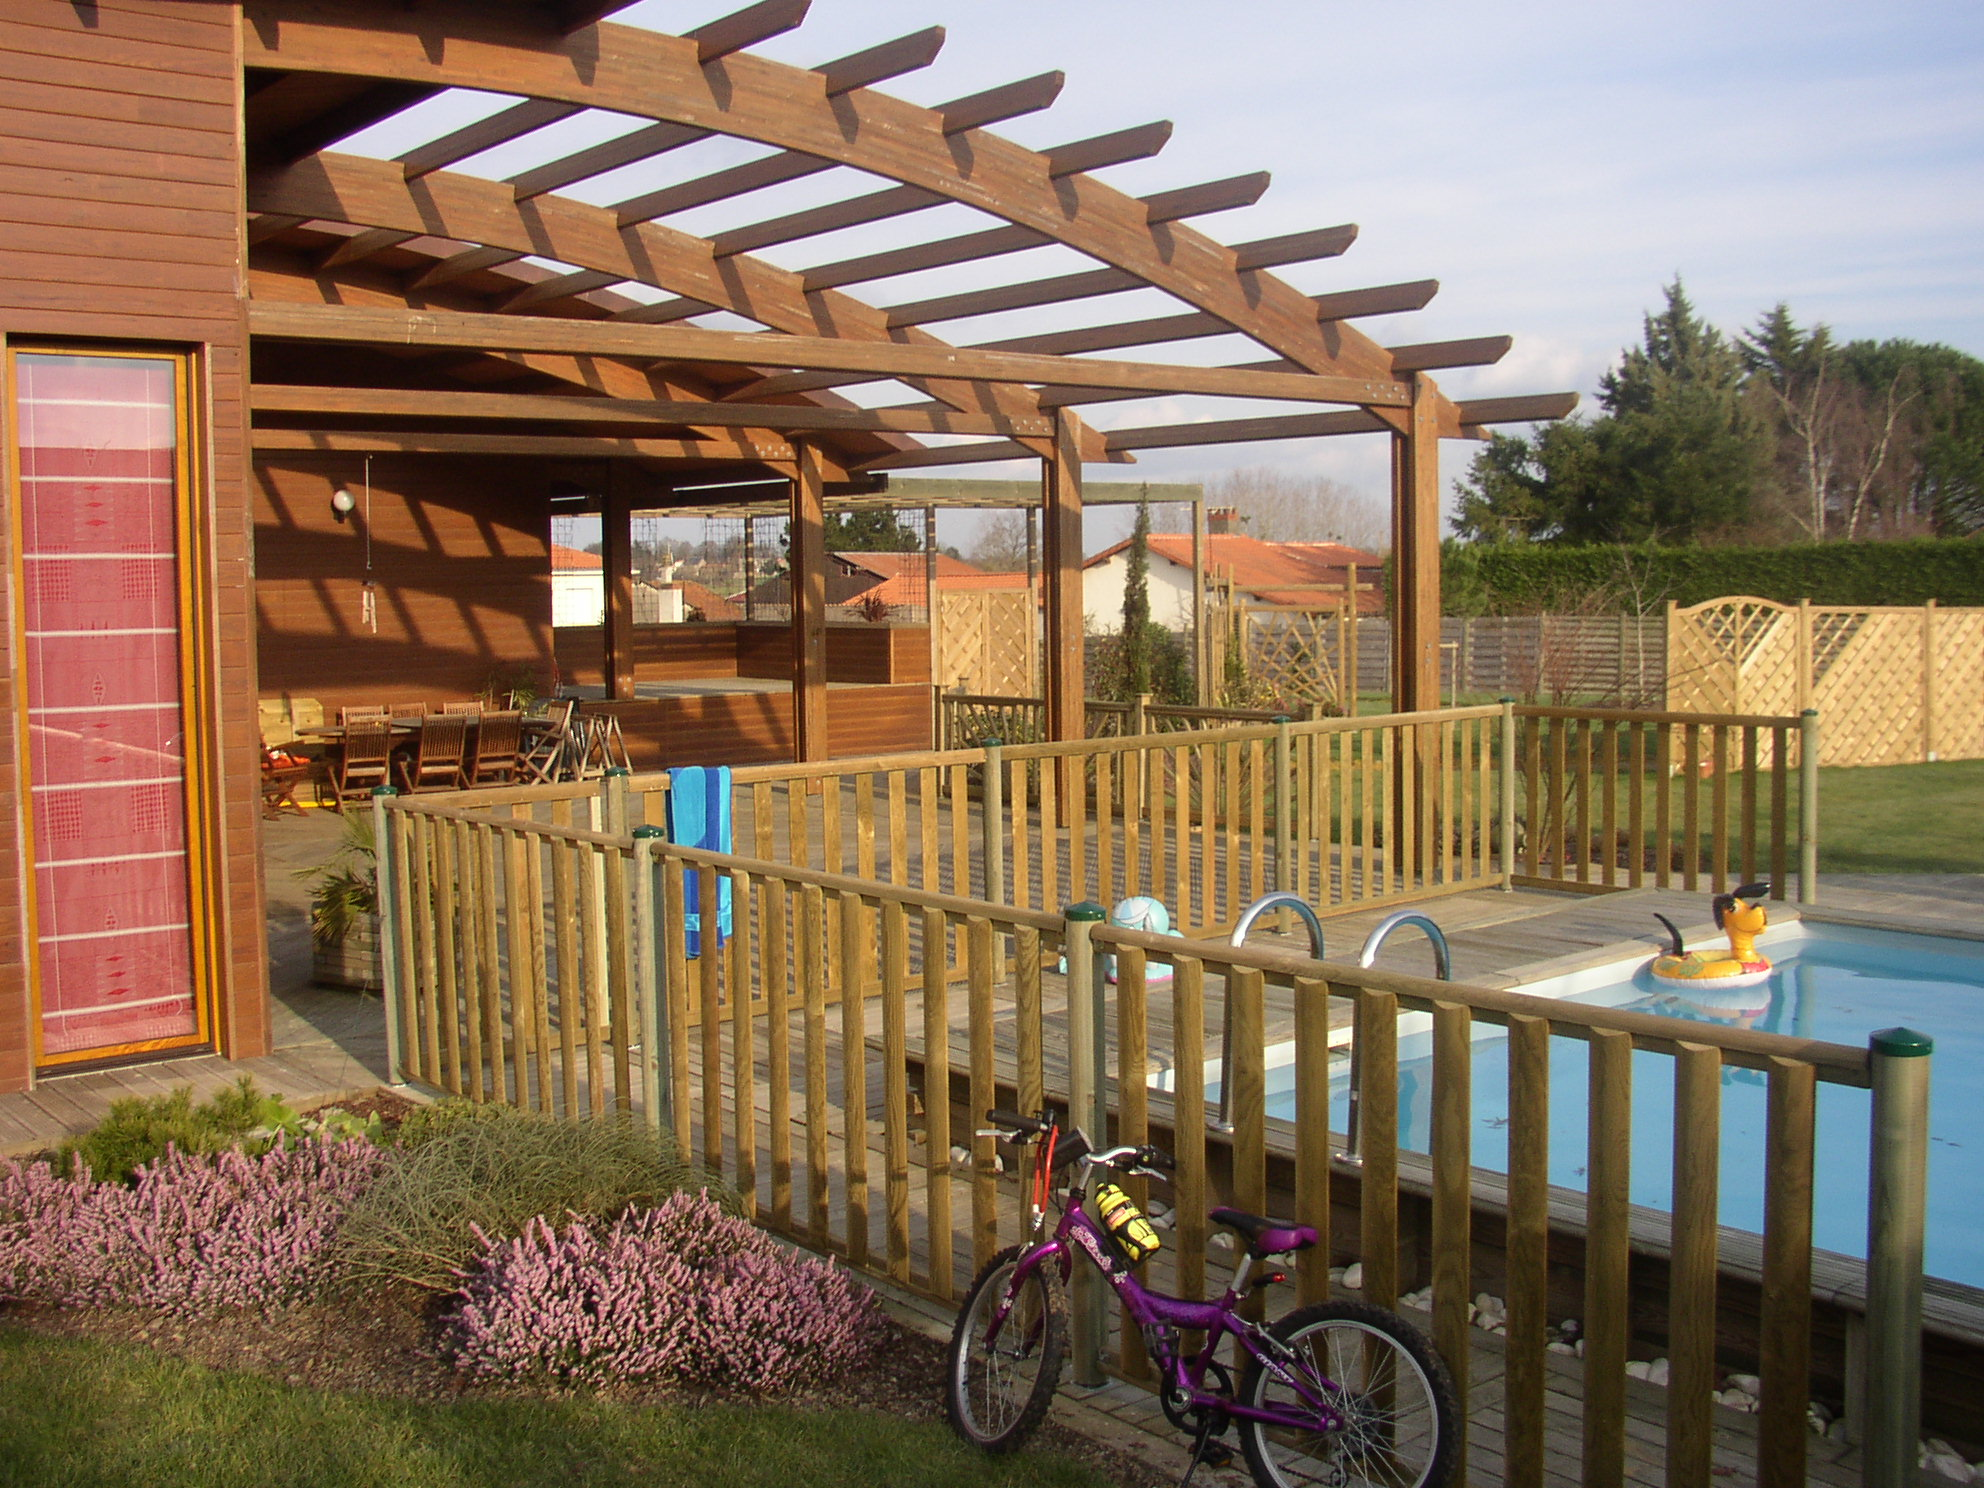 cl ture piscine bois ecobois une barri re bois de piscine. Black Bedroom Furniture Sets. Home Design Ideas